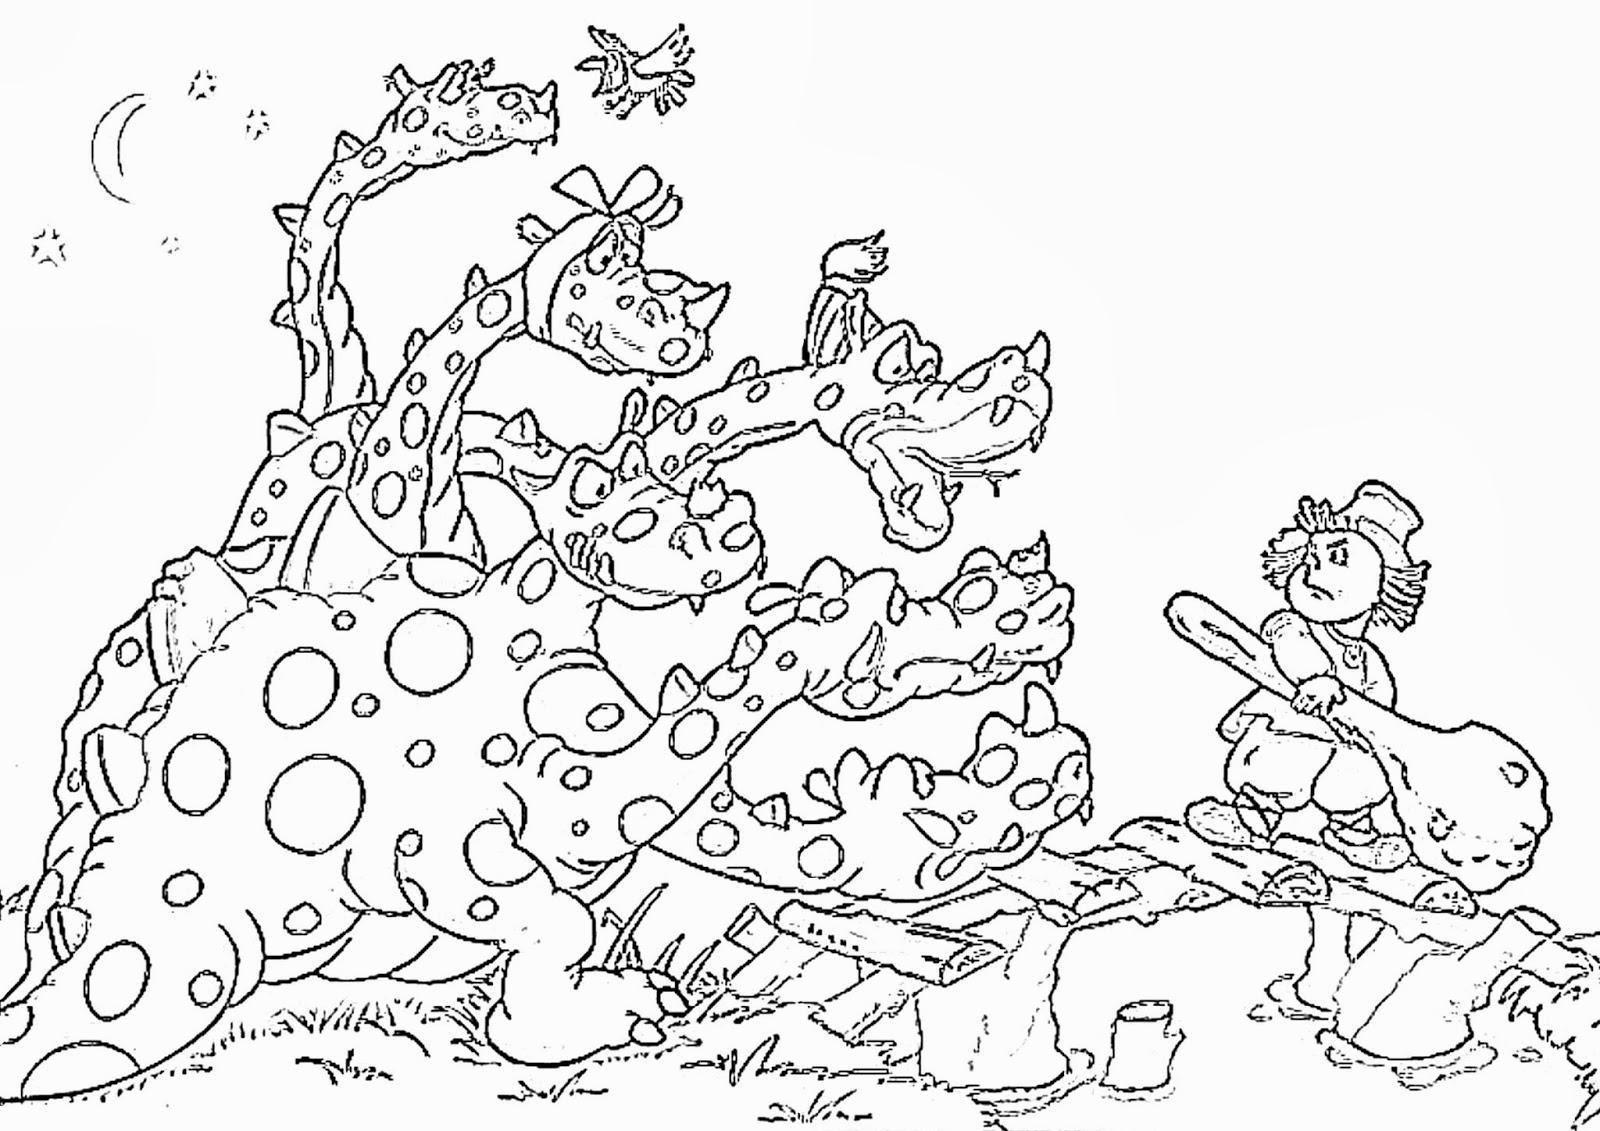 Розмальовки Розмальовки по казках розмальовки до казки чудо юдо, розмальовки до казки іван селянський си...